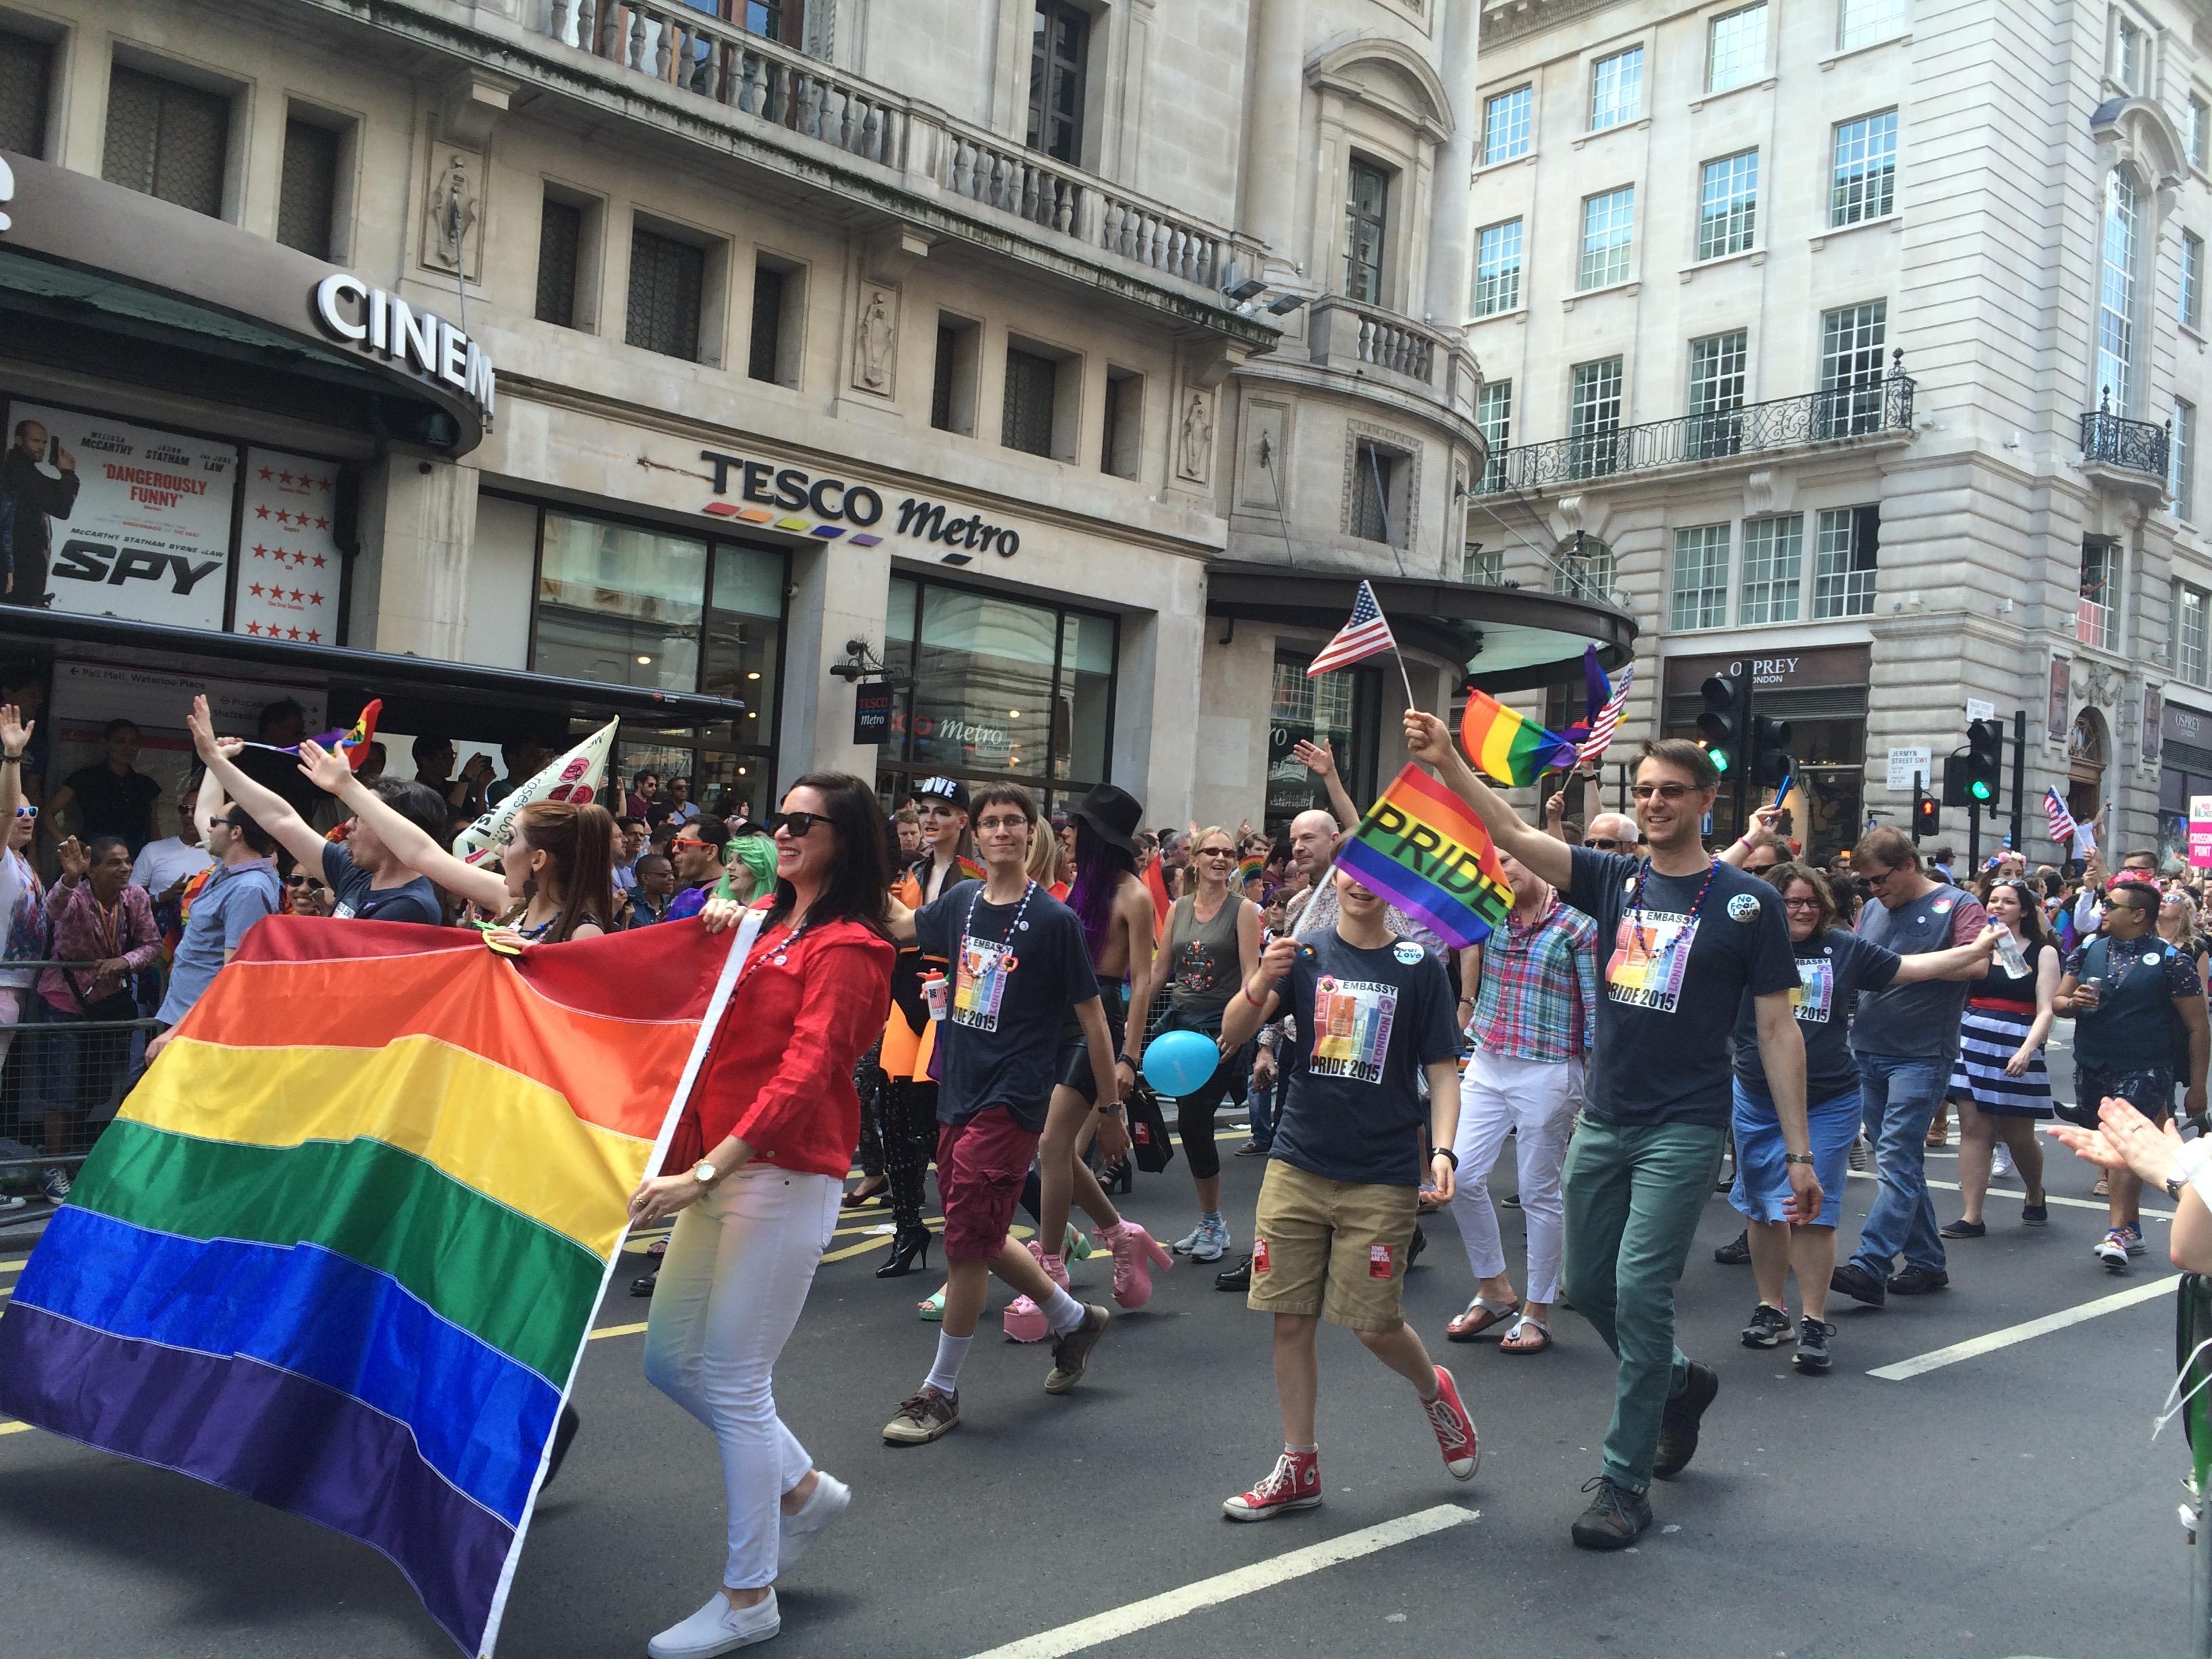 Pride Week in London